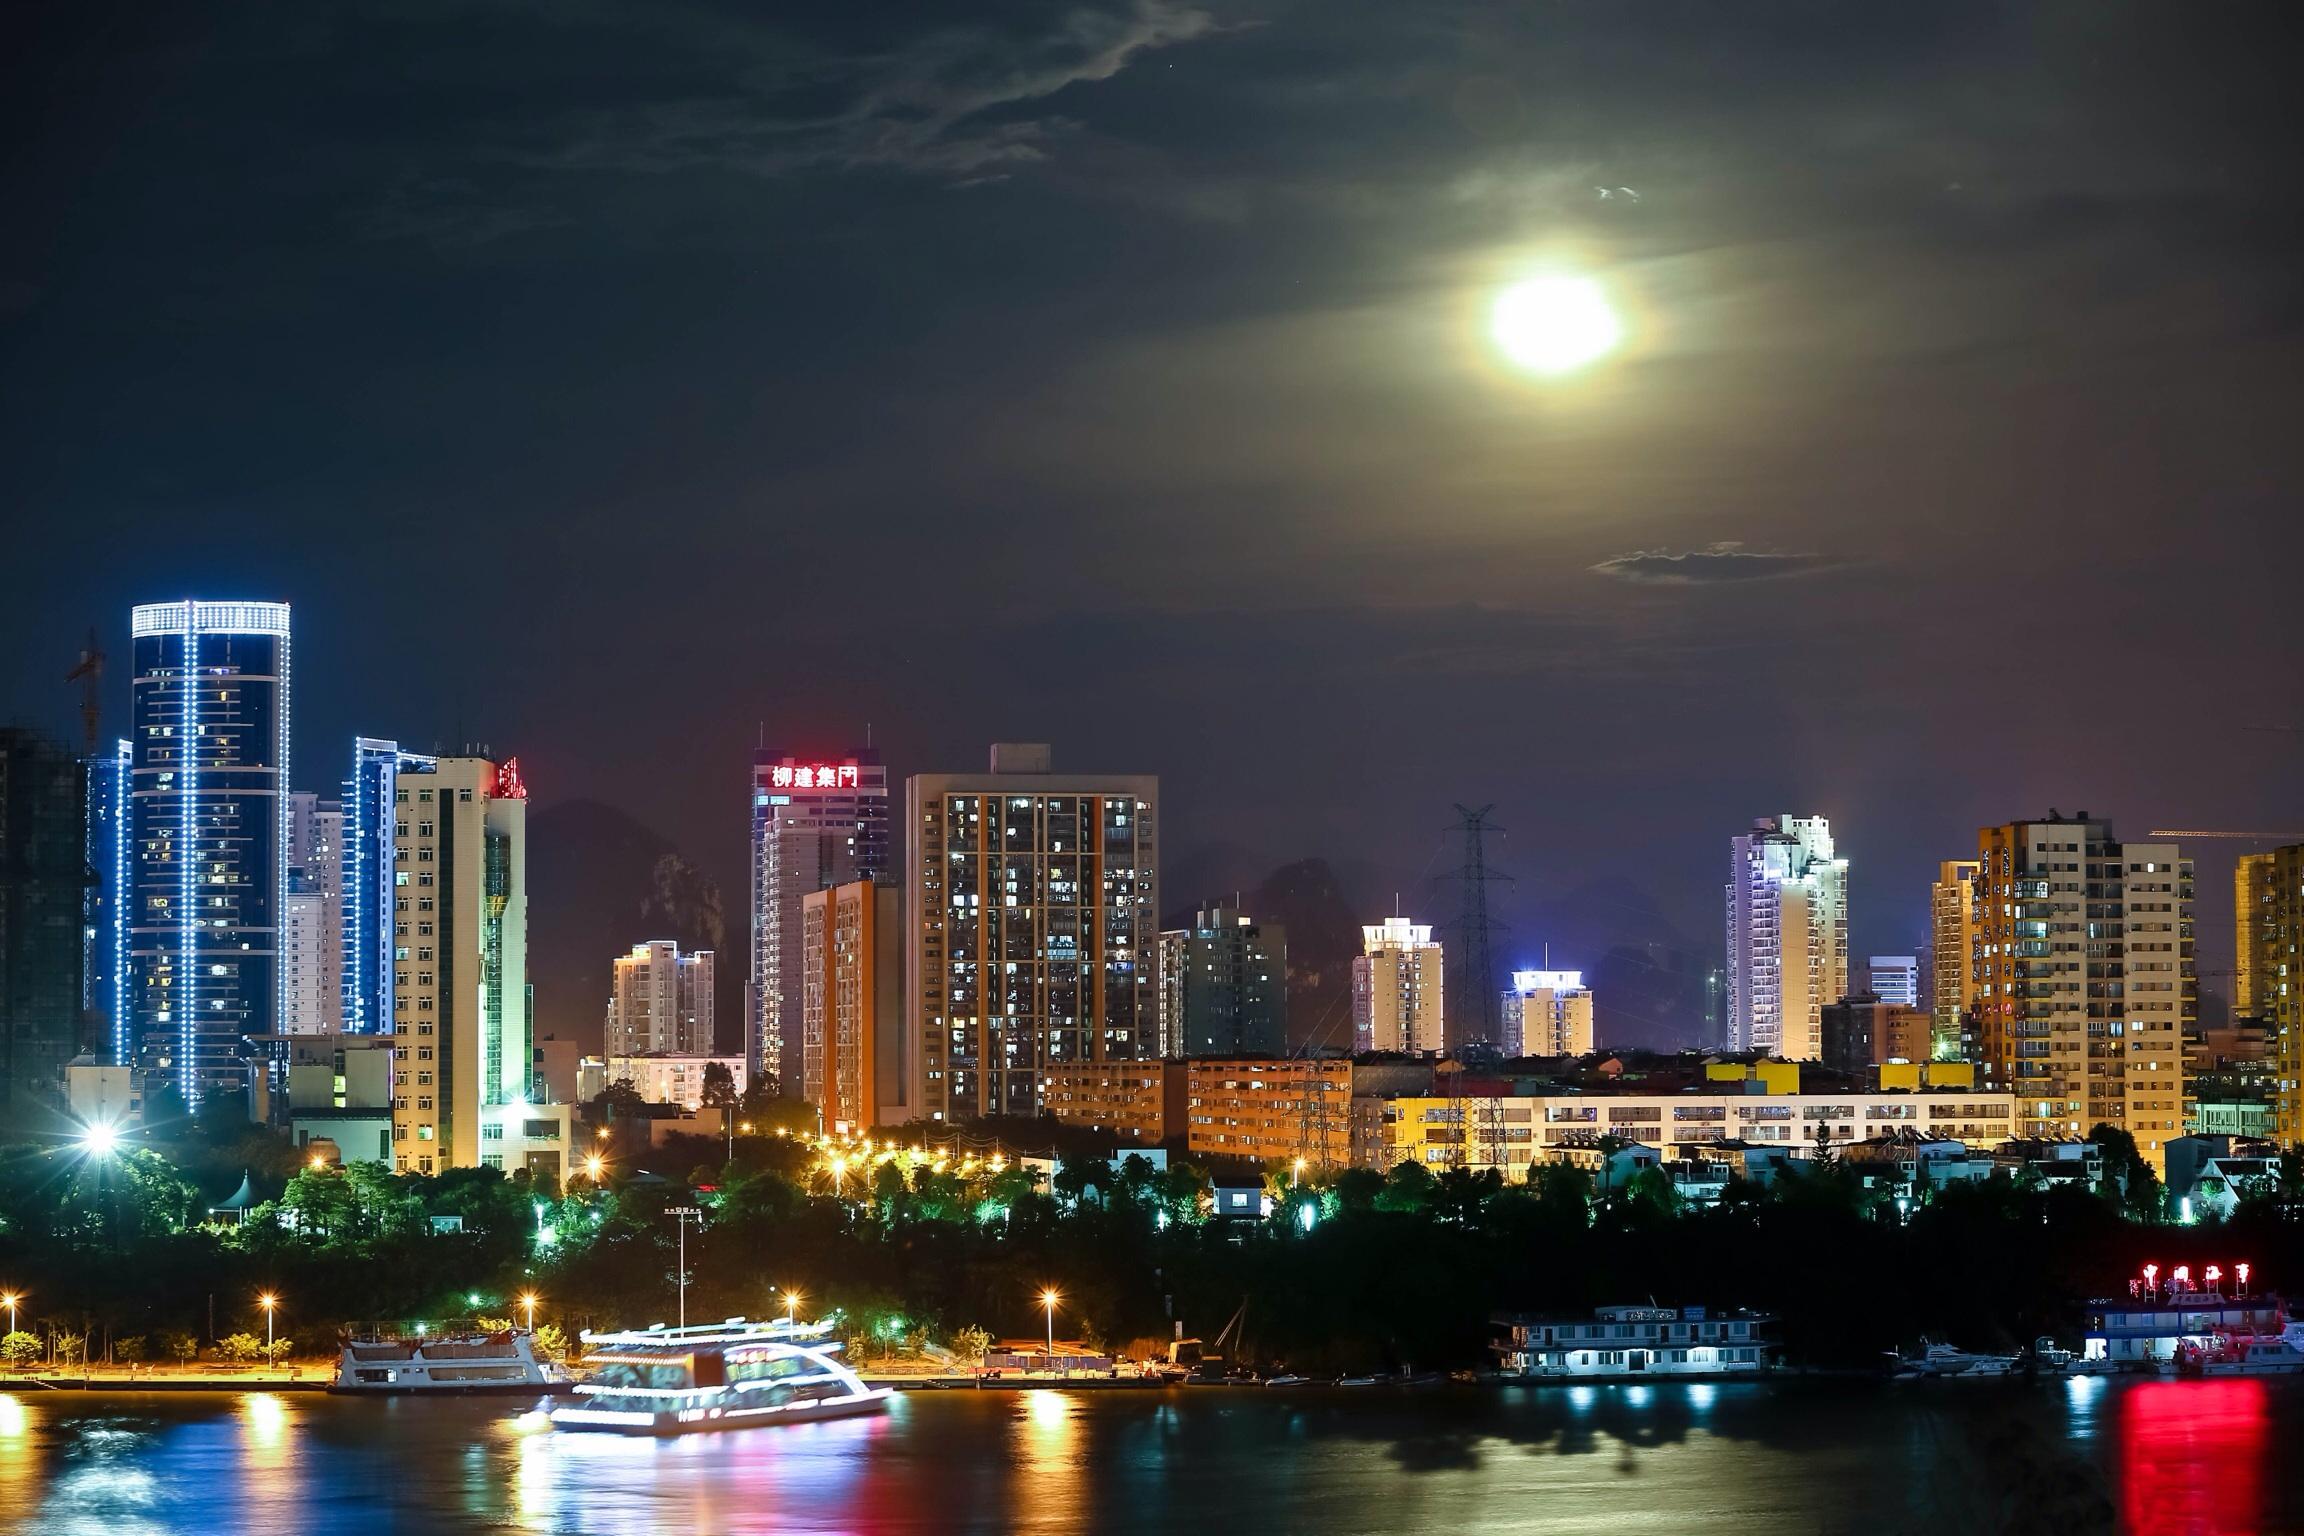 超级月亮下的夜景